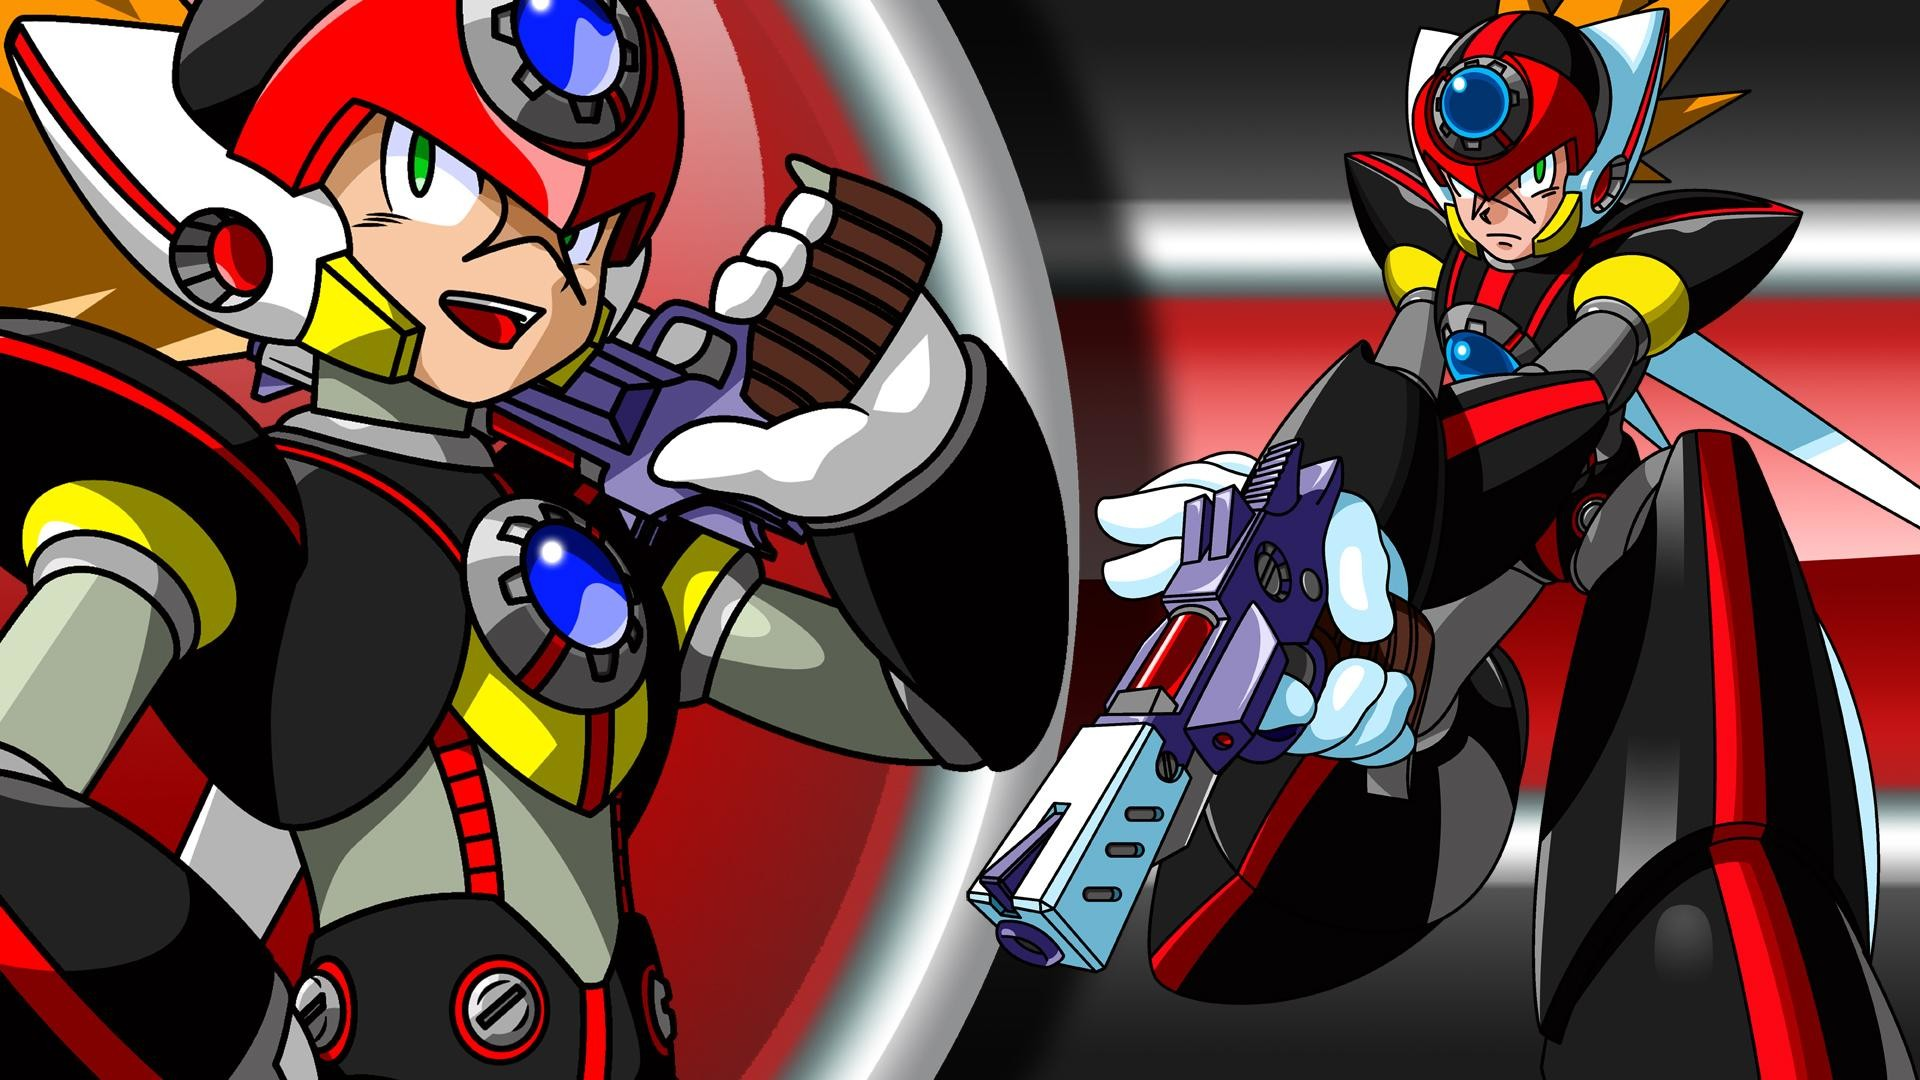 Filename: Mega-Man-X8-Wallpapers-2.jpg